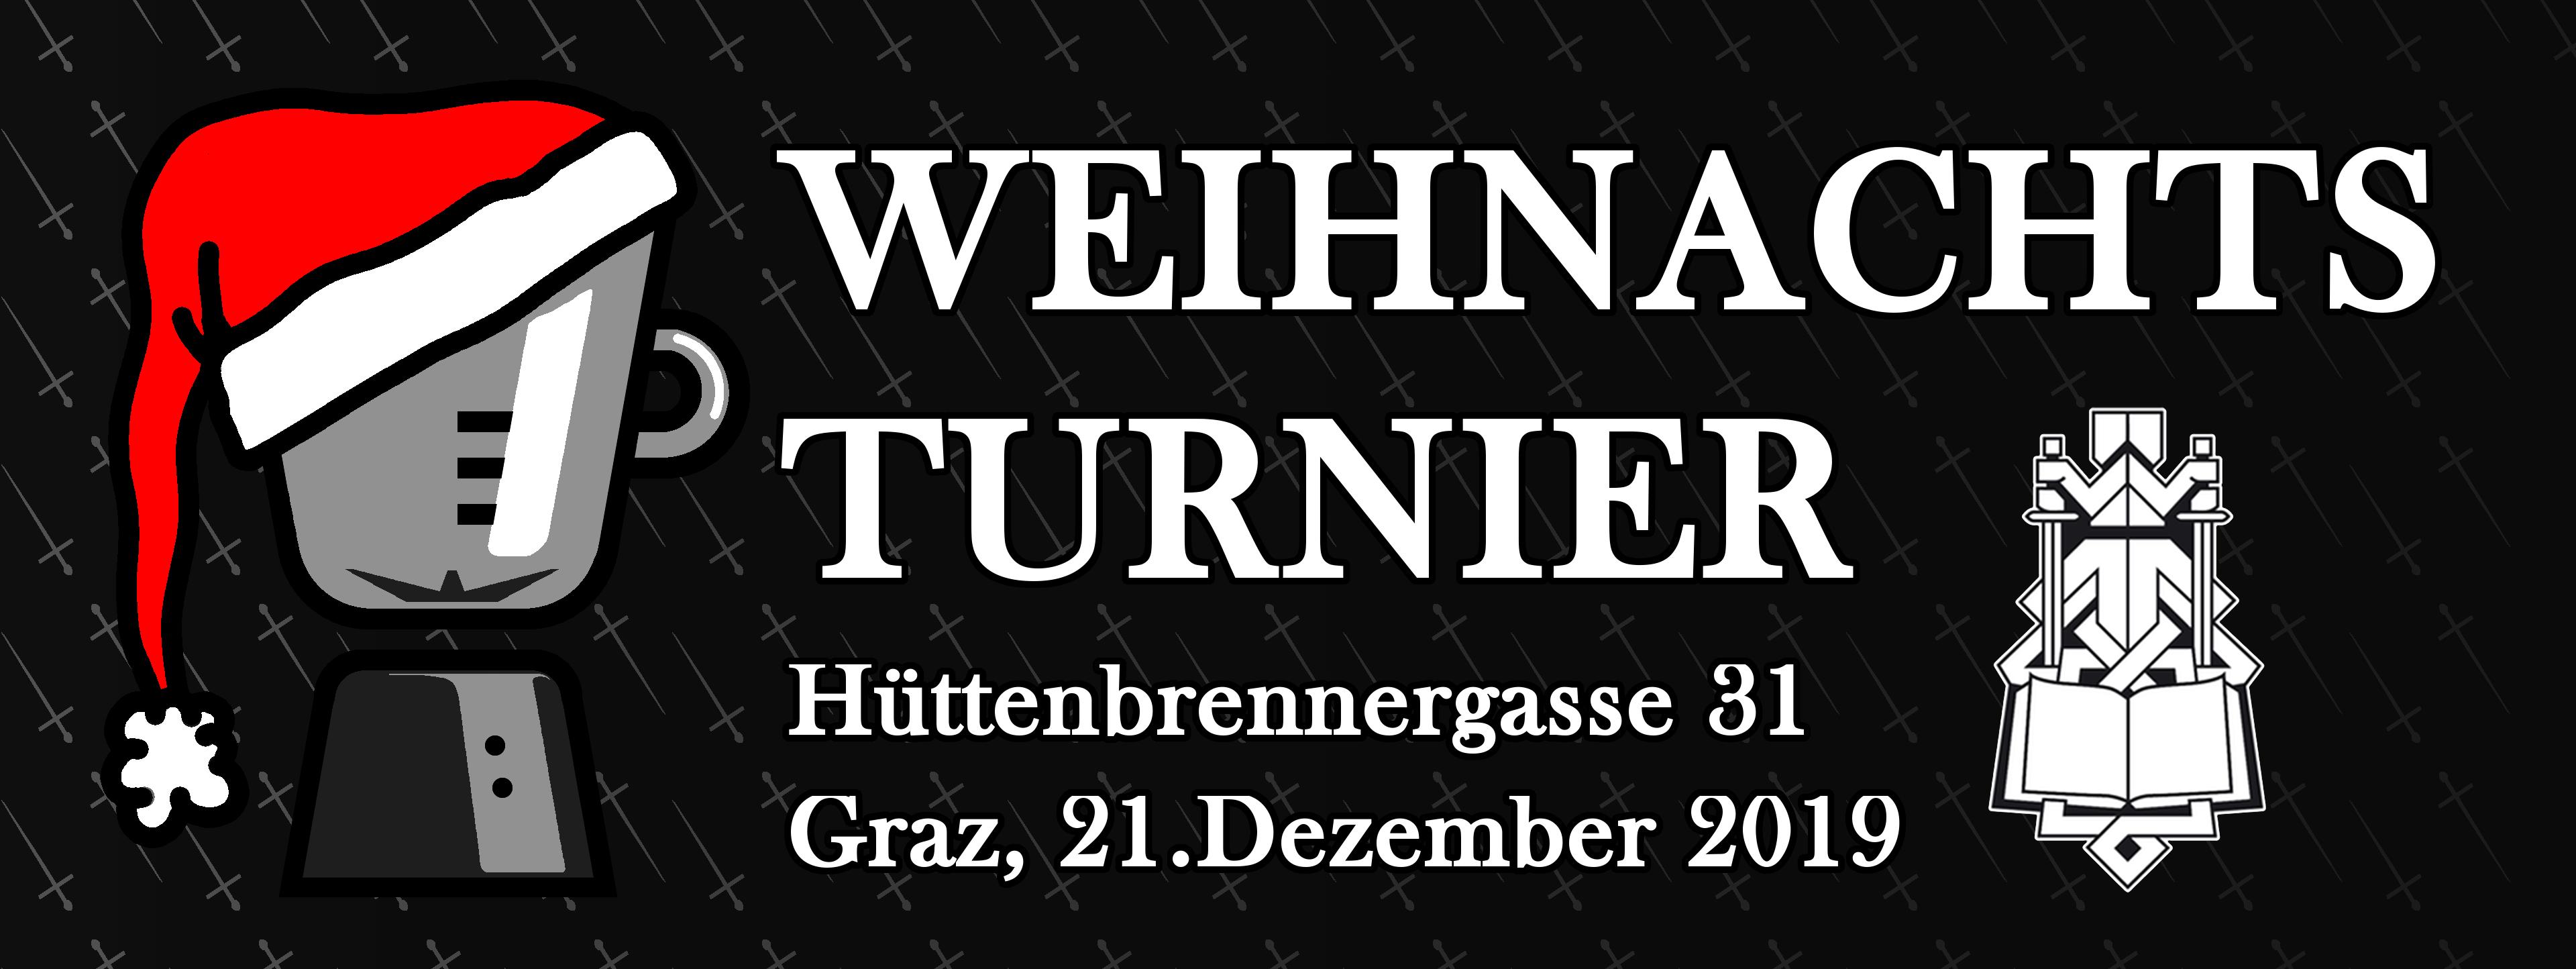 Weihnachtsturnier 2019 @ Raika Sportpark | Graz | Steiermark | Österreich